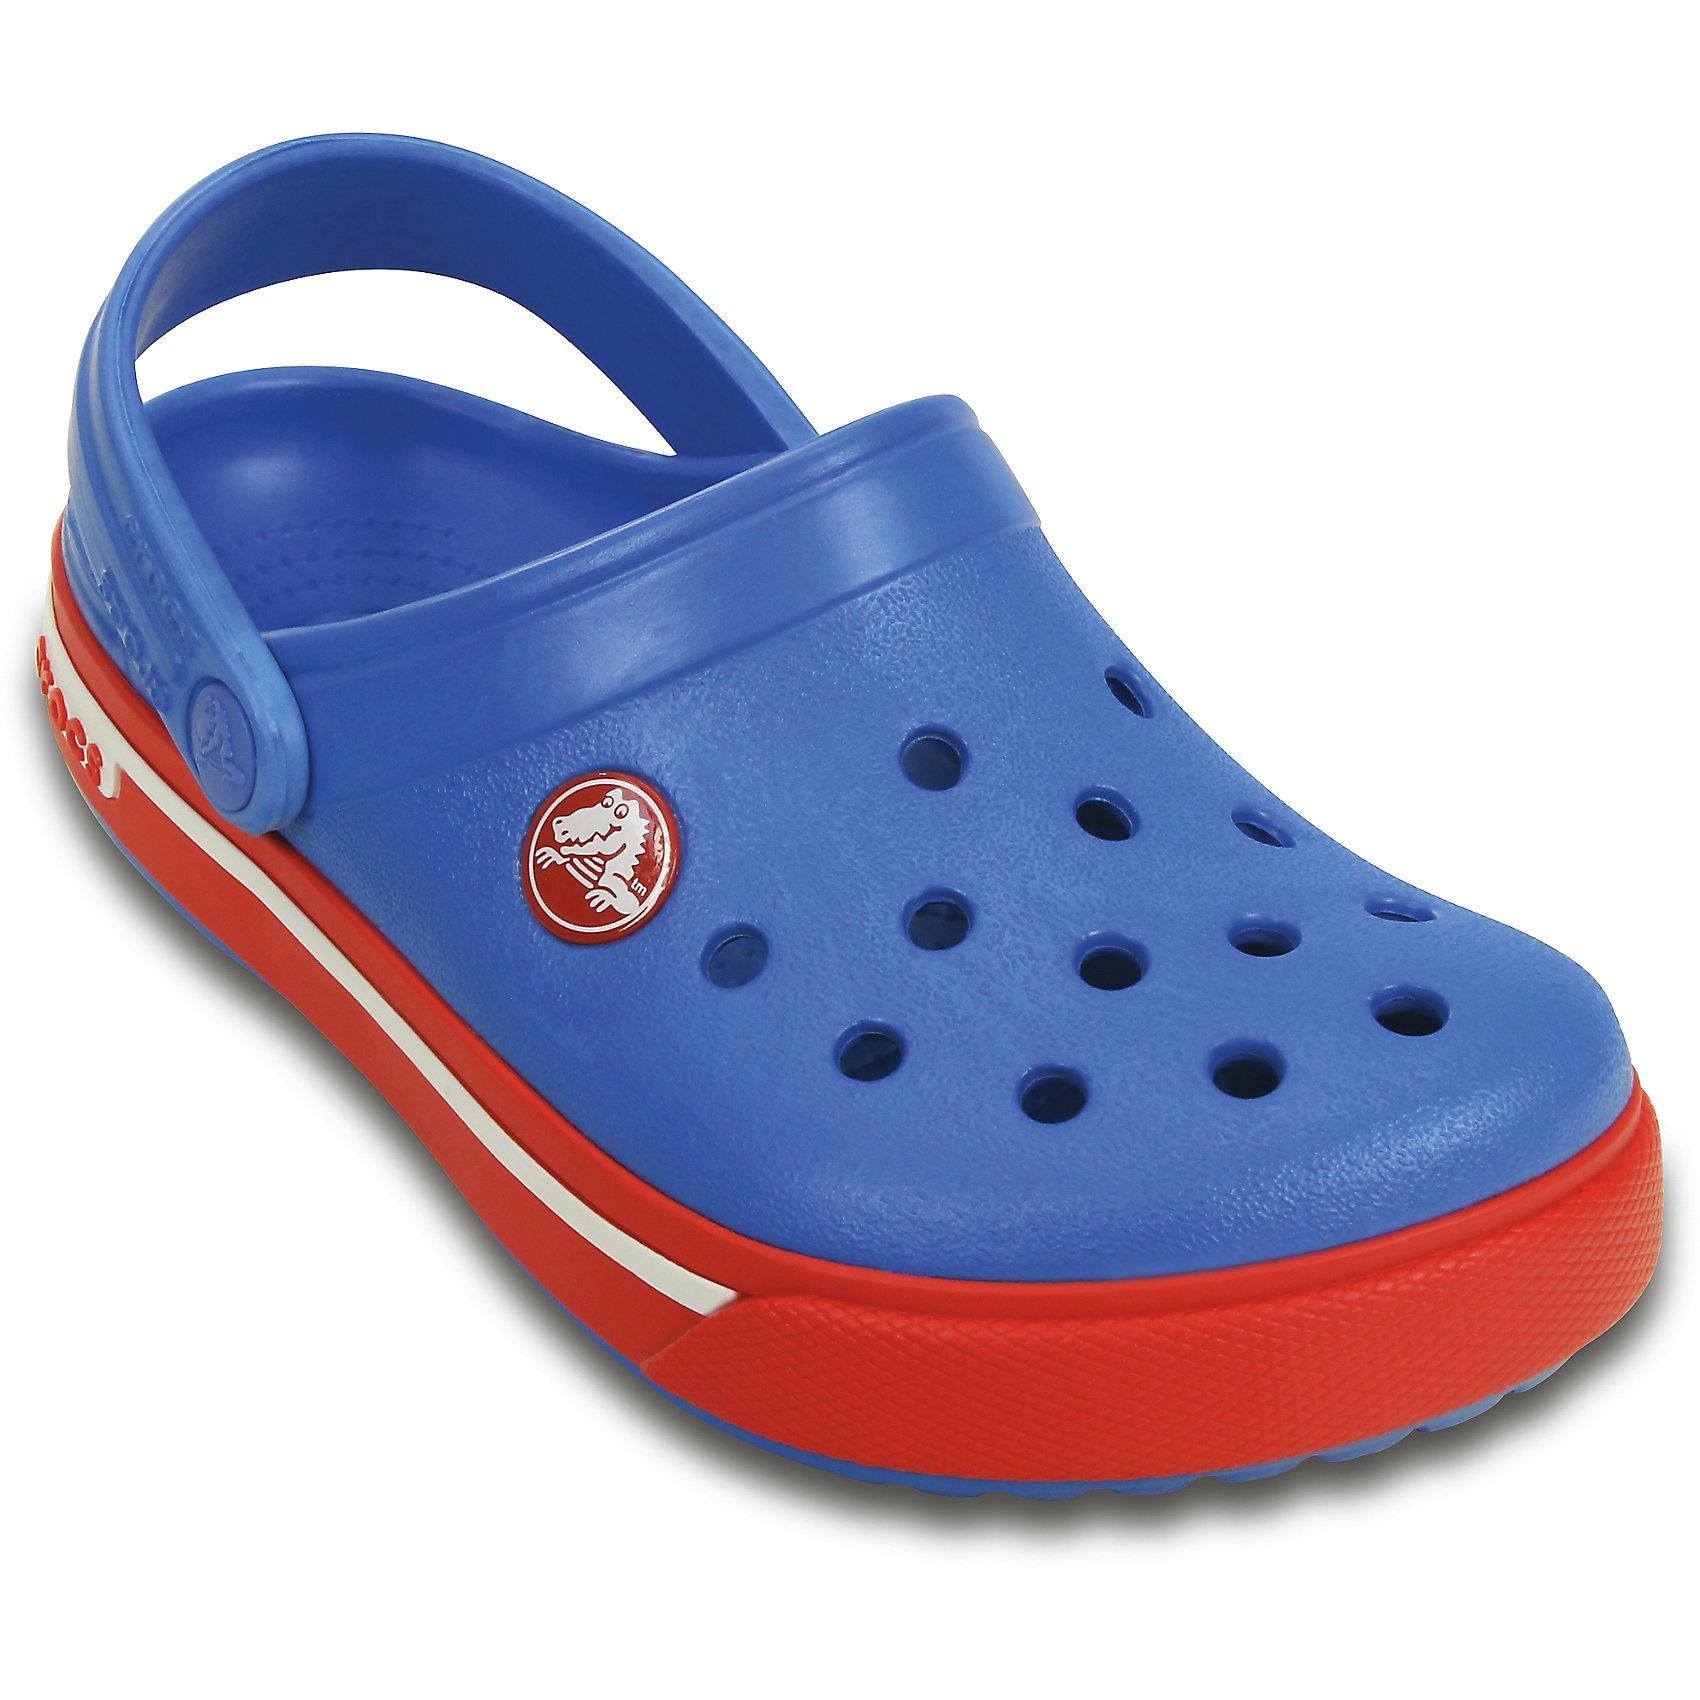 Сабо Crocband II.5 Clog kids CrocsПляжная обувь<br>Характеристики товара:<br><br>• цвет: синий<br>• материал: 100% полимер Croslite™<br>• литая модель<br>• вентиляционные отверстия<br>• бактериостатичный материал<br>• пяточный ремешок фиксирует стопу<br>• толстая устойчивая подошва<br>• отверстия для использования украшений<br>• анатомическая стелька с массажными точками стимулирует кровообращение<br>• страна бренда: США<br>• страна изготовитель: Китай<br><br>Для правильного развития ребенка крайне важно, чтобы обувь была удобной. Такие сабо обеспечивают детям необходимый комфорт, а анатомическая стелька с массажными линиями для стимуляции кровообращения позволяет ножкам дольше не уставать. Сабо легко надеваются и снимаются, отлично сидят на ноге. Материал, из которого они сделаны, не дает размножаться бактериям, поэтому такая обувь препятствует образованию неприятного запаха и появлению болезней стоп. <br>Обувь от американского бренда Crocs в данный момент завоевала широкую популярность во всем мире, и это не удивительно - ведь она невероятно удобна. Её носят врачи, спортсмены, звёзды шоу-бизнеса, люди, которым много времени приходится бывать на ногах - они понимают, как важна комфортная обувь. Продукция Crocs - это качественные товары, созданные с применением новейших технологий. Обувь отличается стильным дизайном и продуманной конструкцией. Изделие производится из качественных и проверенных материалов, которые безопасны для детей.<br><br>Сабо от торговой марки Crocs можно купить в нашем интернет-магазине.<br><br>Ширина мм: 225<br>Глубина мм: 139<br>Высота мм: 112<br>Вес г: 290<br>Цвет: синий<br>Возраст от месяцев: 12<br>Возраст до месяцев: 15<br>Пол: Унисекс<br>Возраст: Детский<br>Размер: 21/22,33/34,34/35,23/24,25/26,31/32,27/28,29/30<br>SKU: 4064552